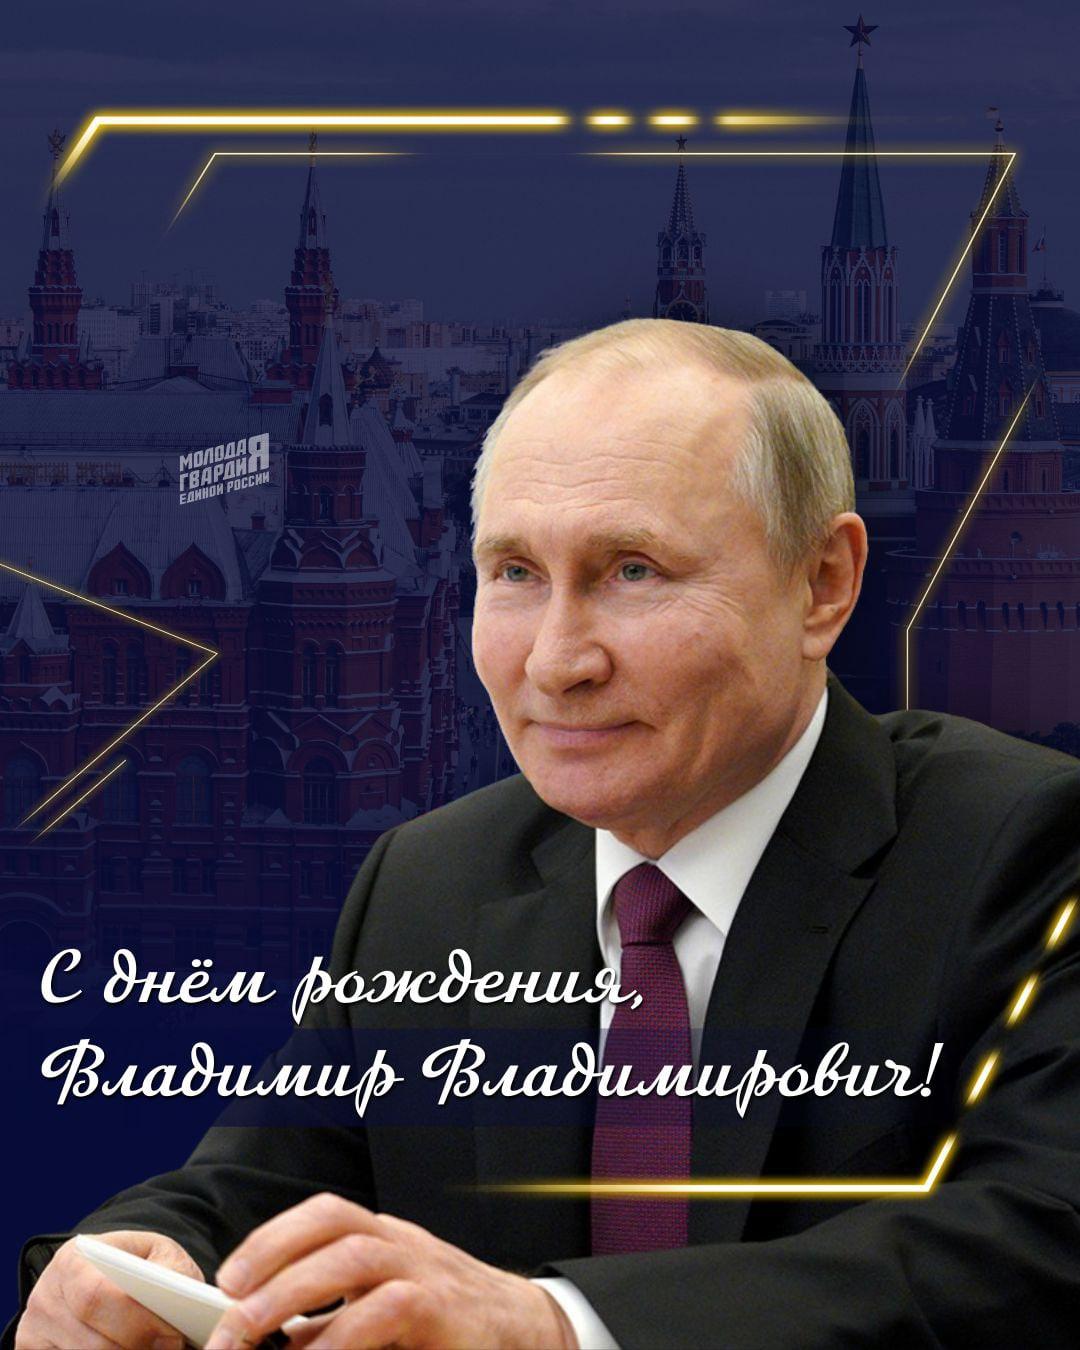 🇷🇺 Сегодня день рождения у Президента Российской